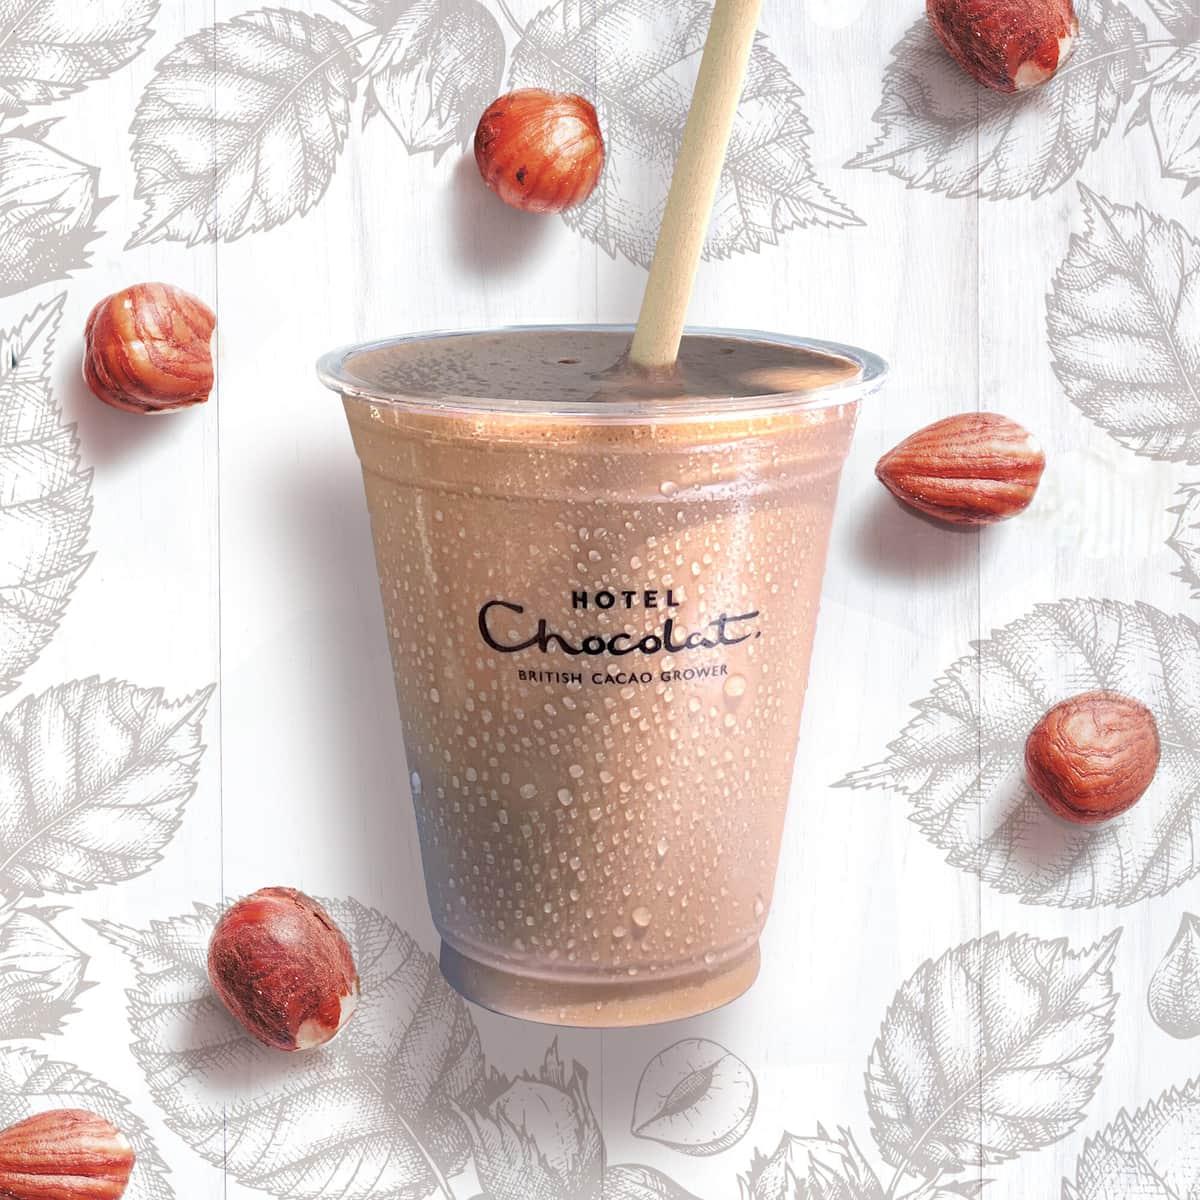 カカオ45%のナッツミルクのチョコレートドリンク